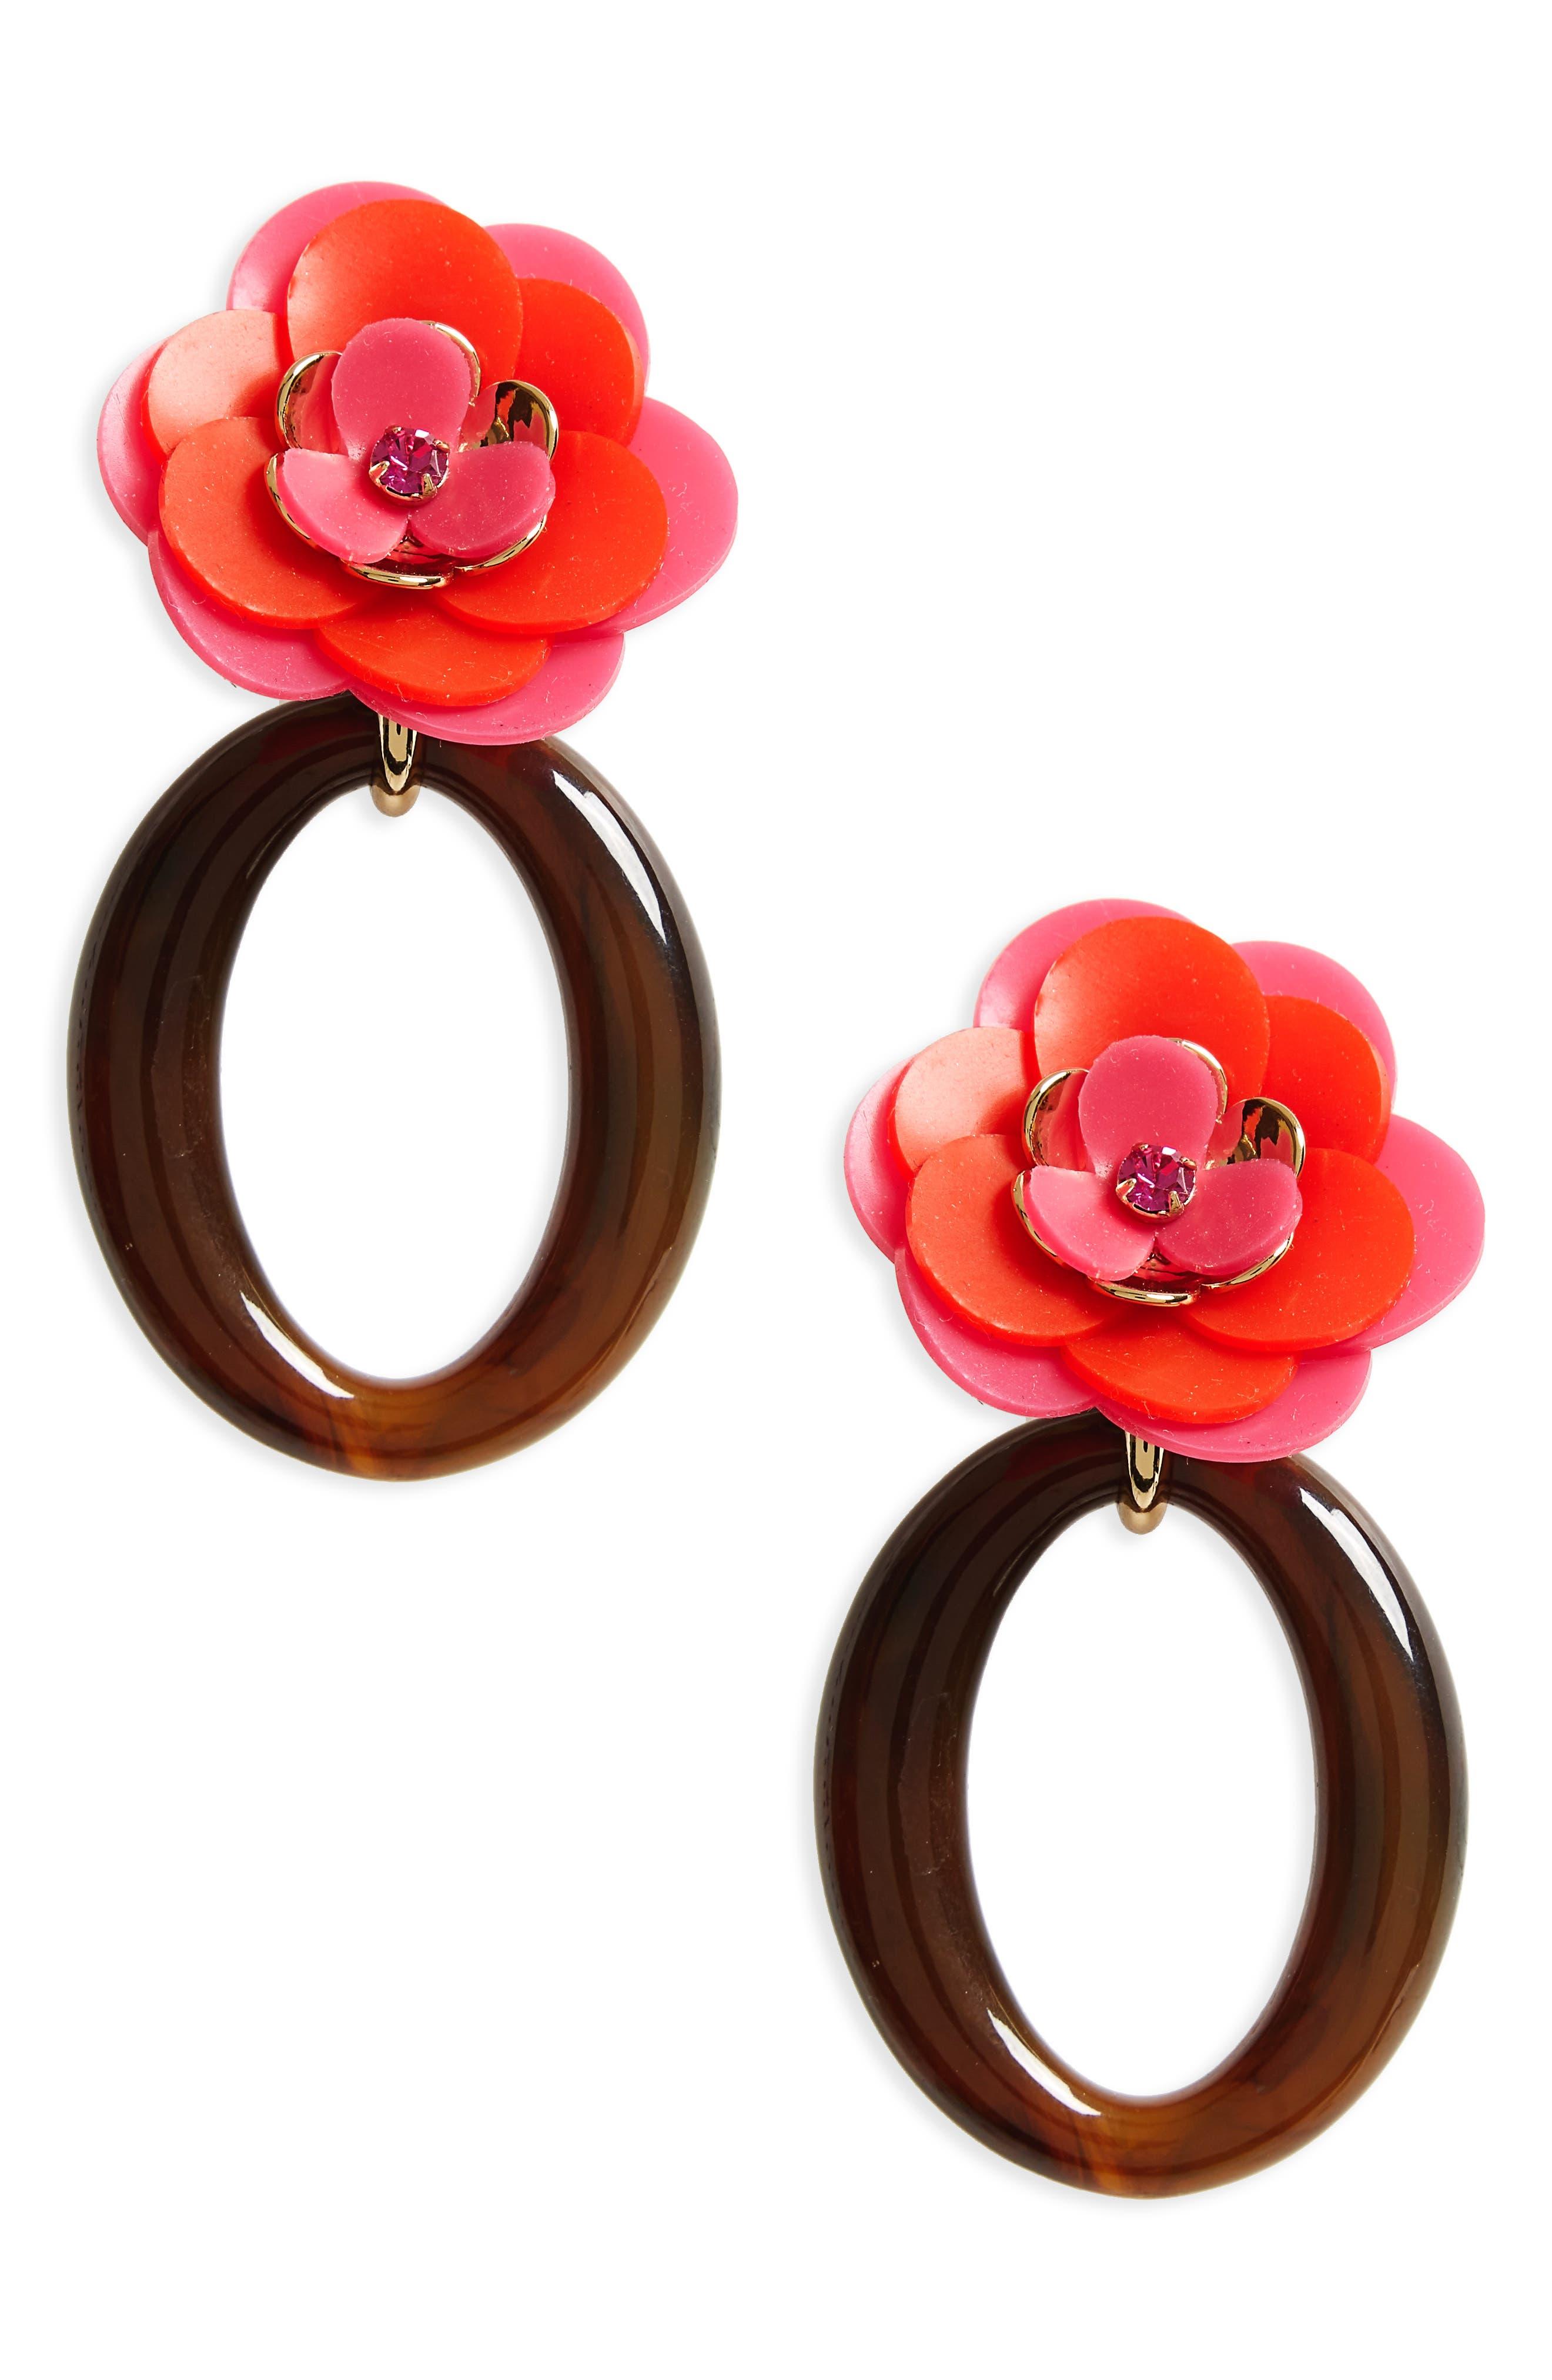 KATE SPADE NEW YORK rosy posies statement drop earrings